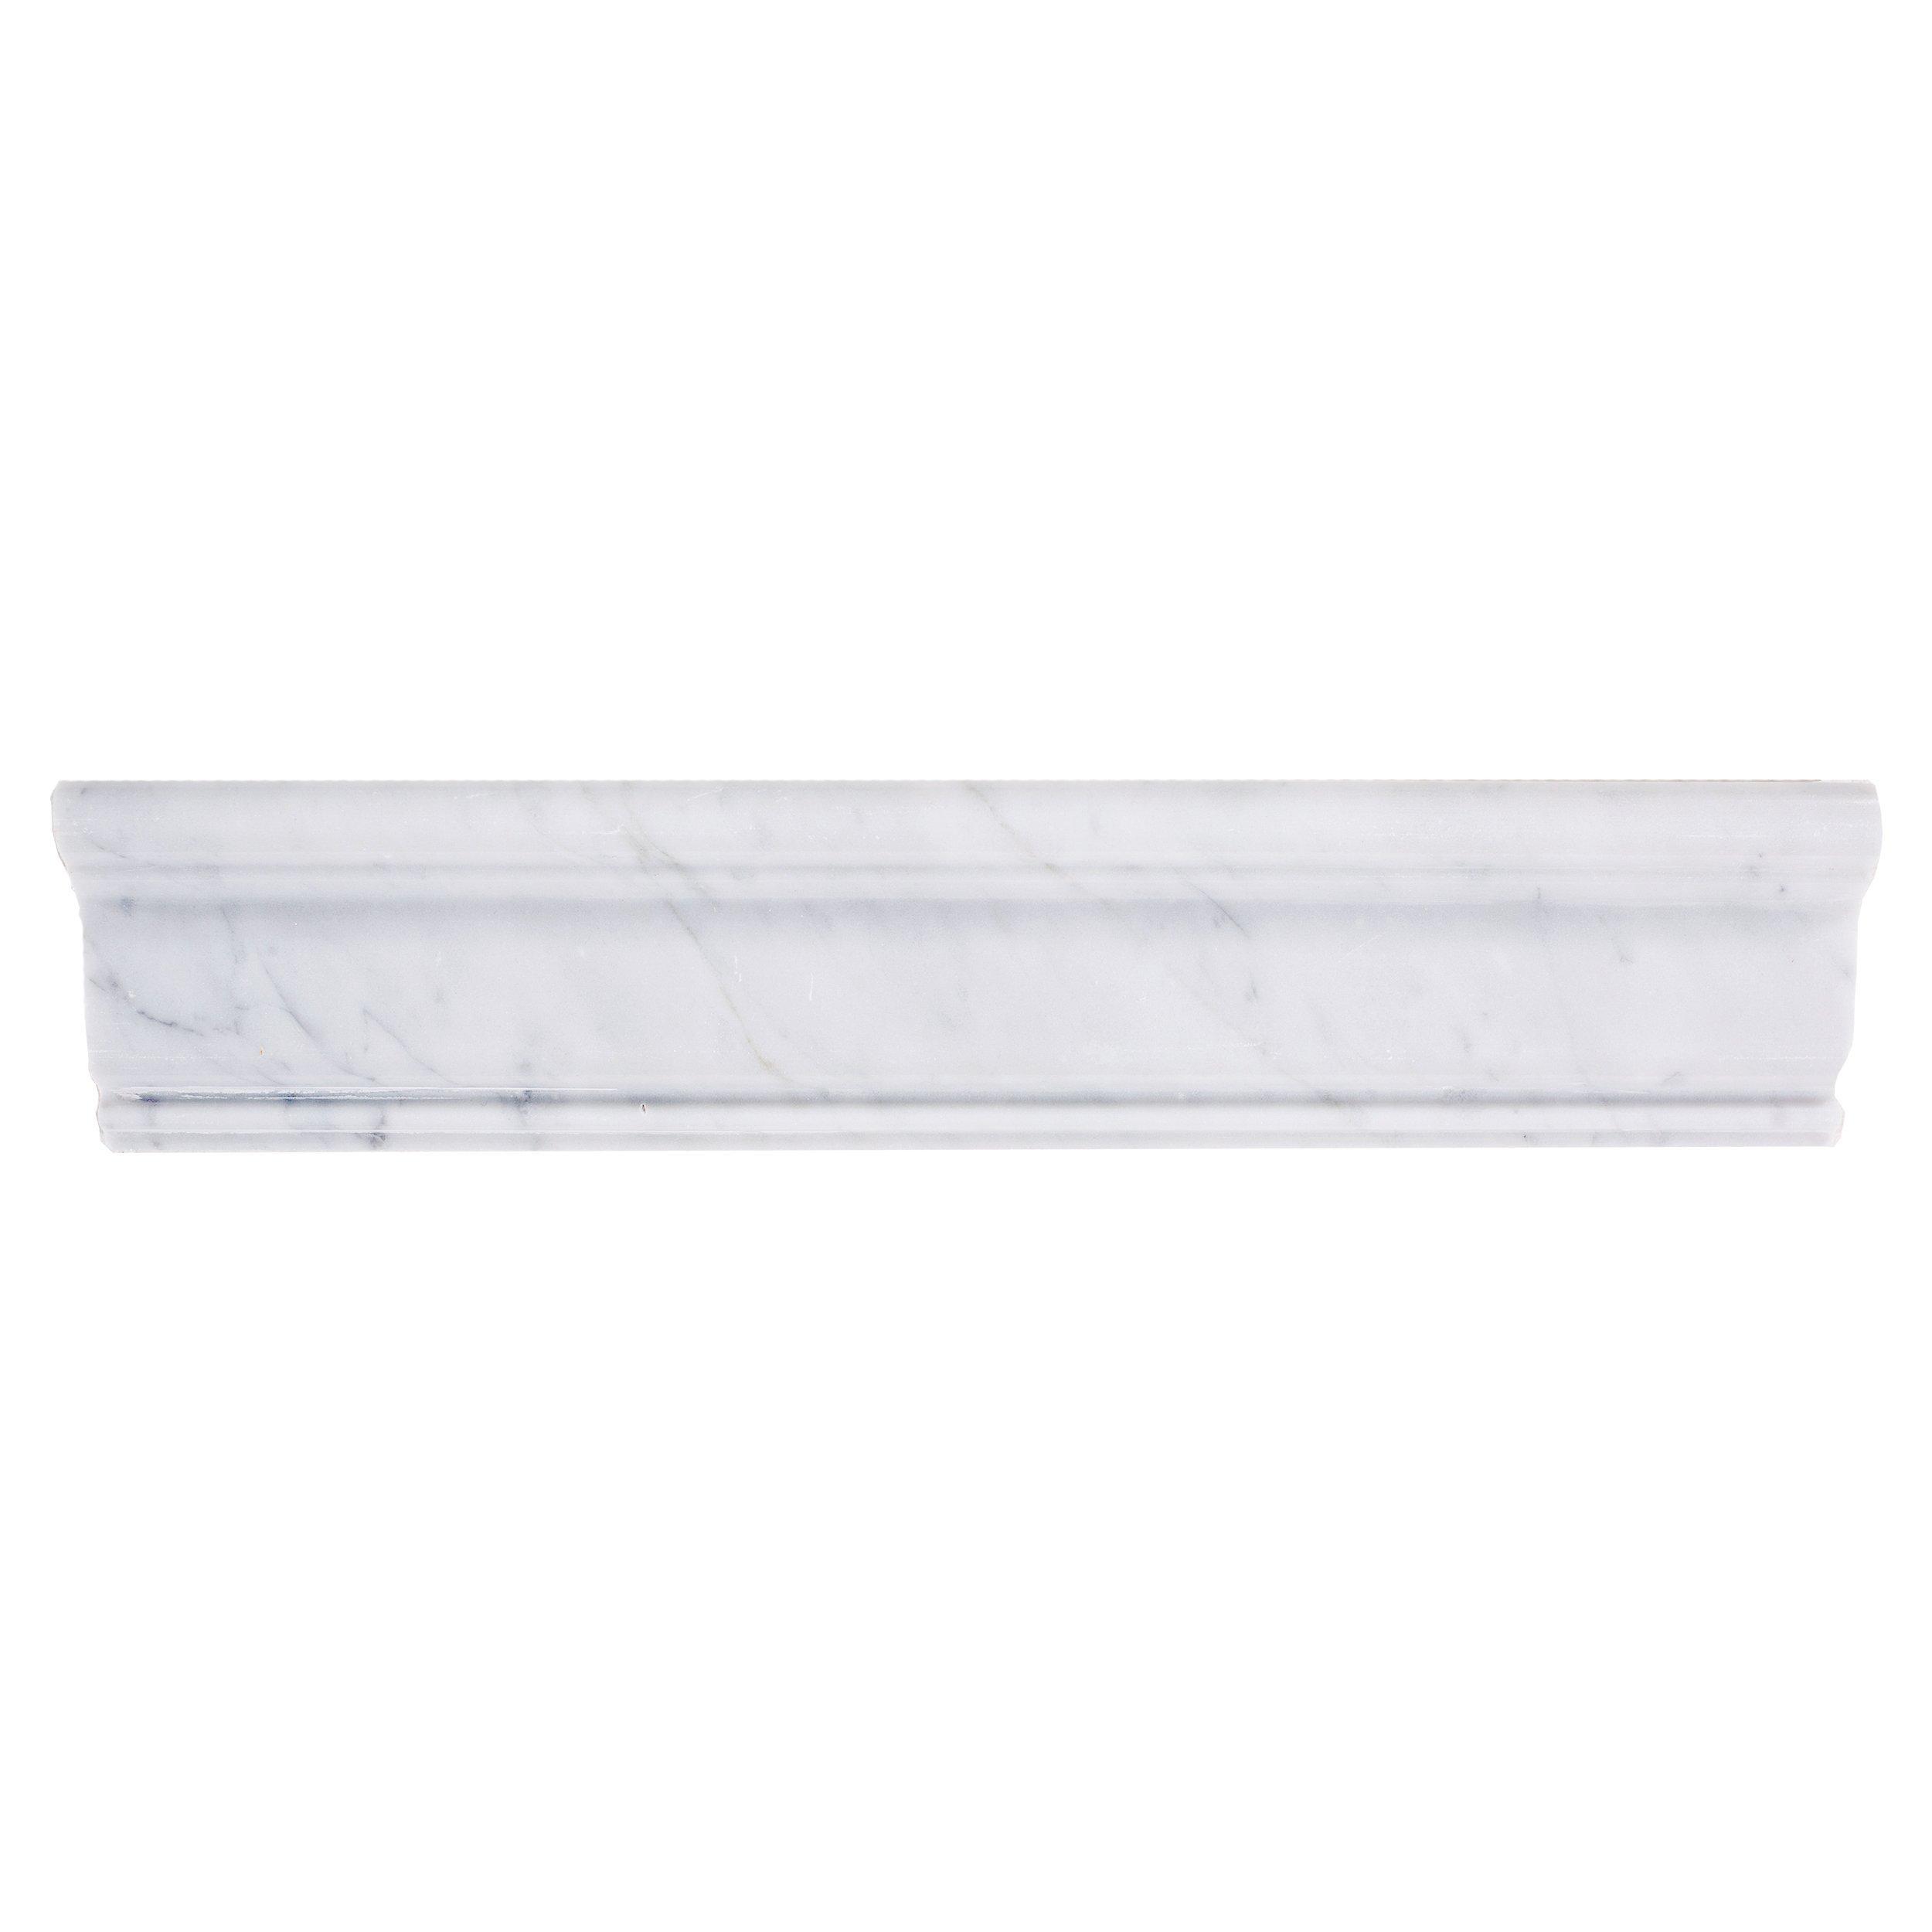 Bianco Carrara Marble Chair Rail   2 5/8 X 12   100156256 | Floor And Decor